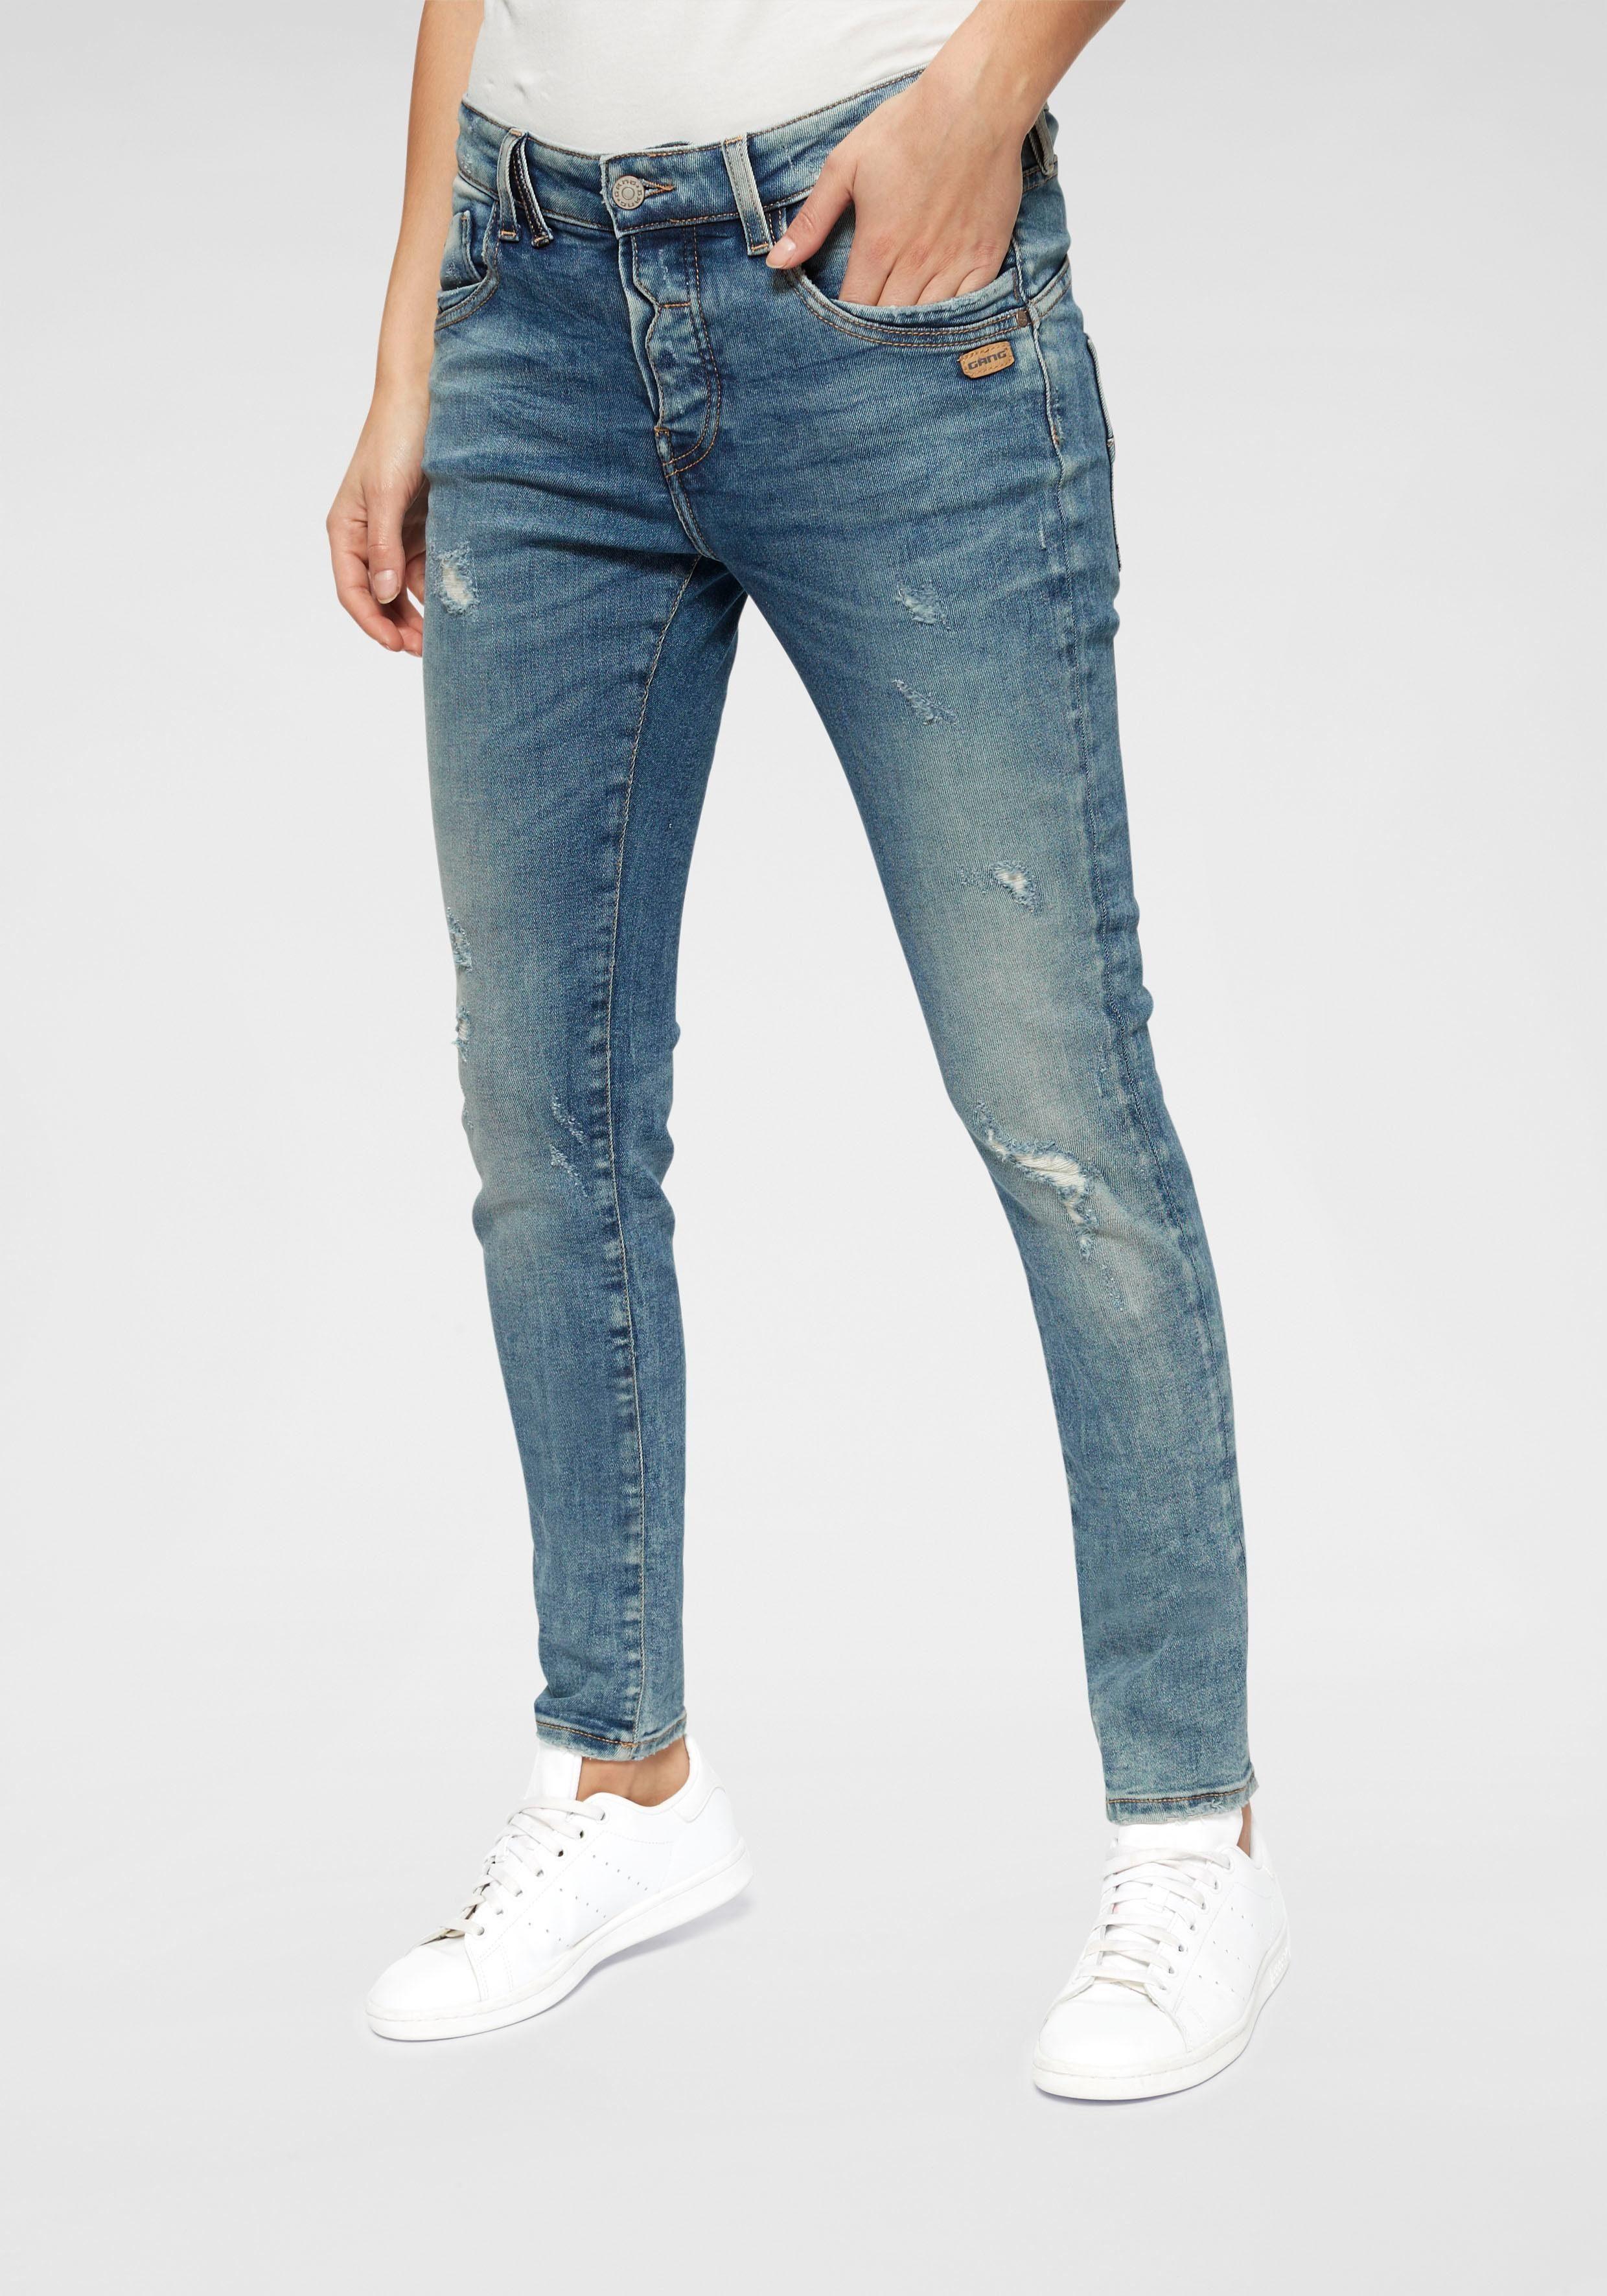 Brauch Wie findet man schön und charmant gang damen jeans